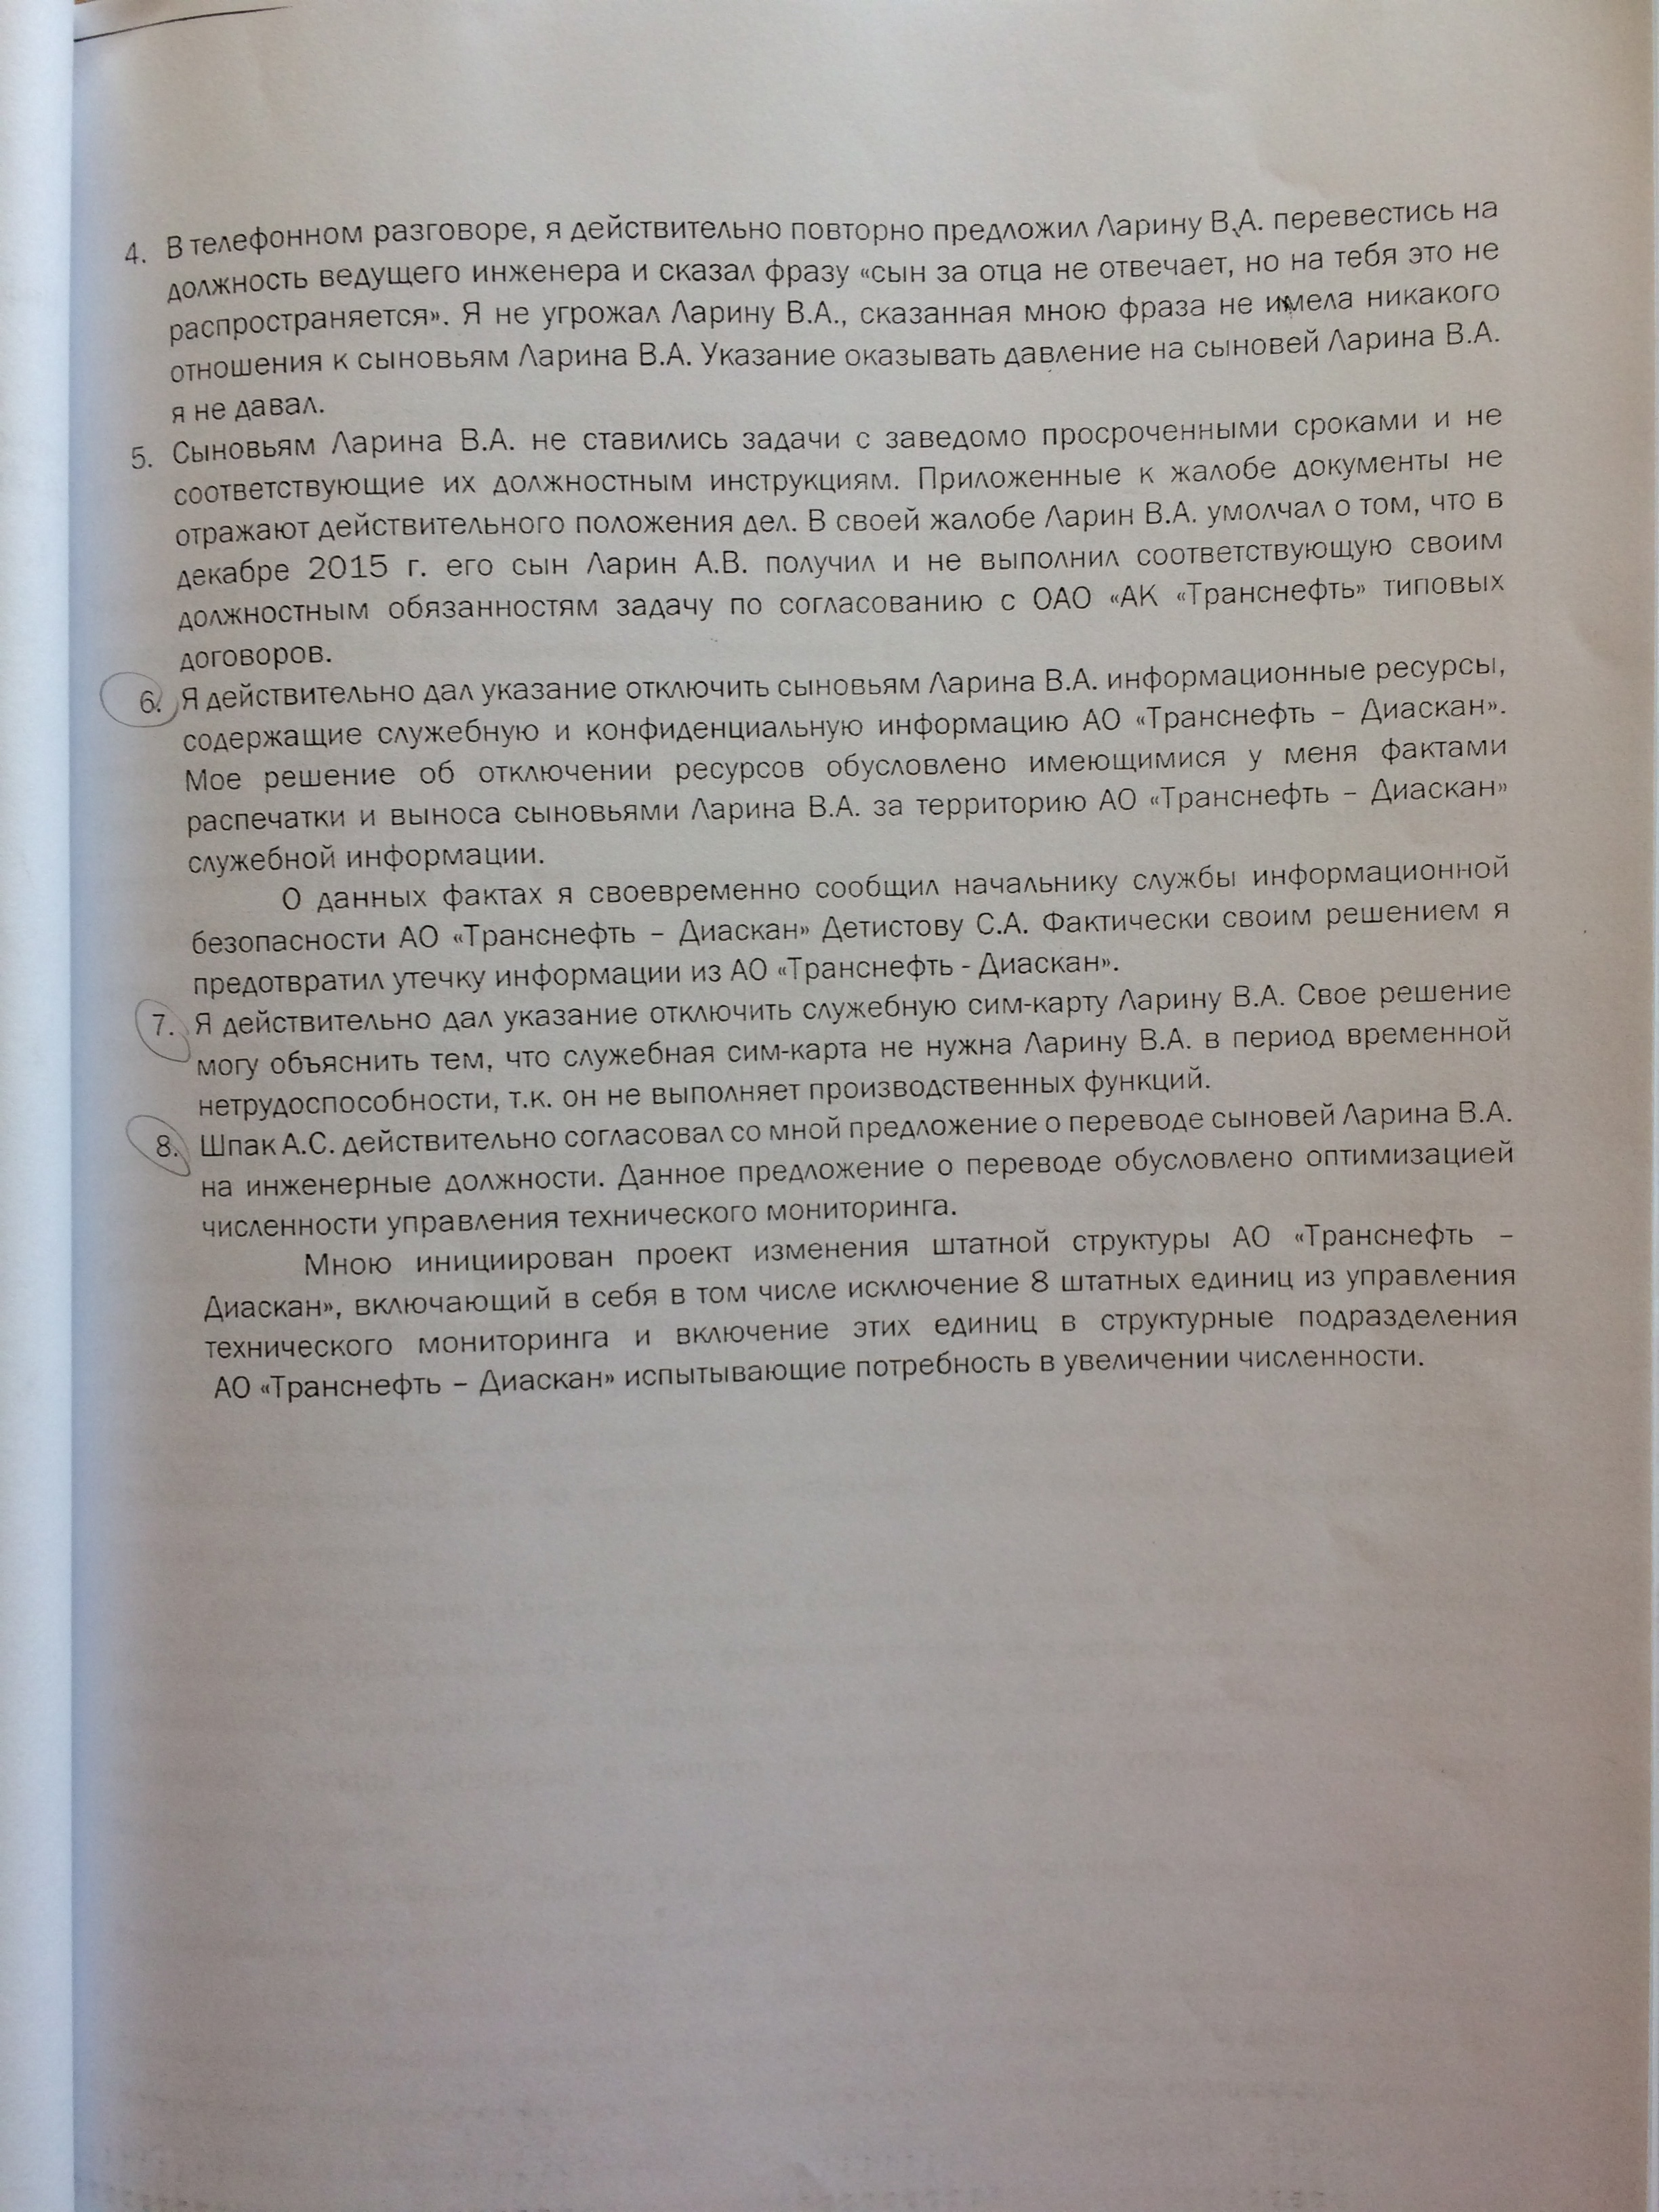 Фото документов проверки Луховицкой городской прокуратурой - 25 (5)